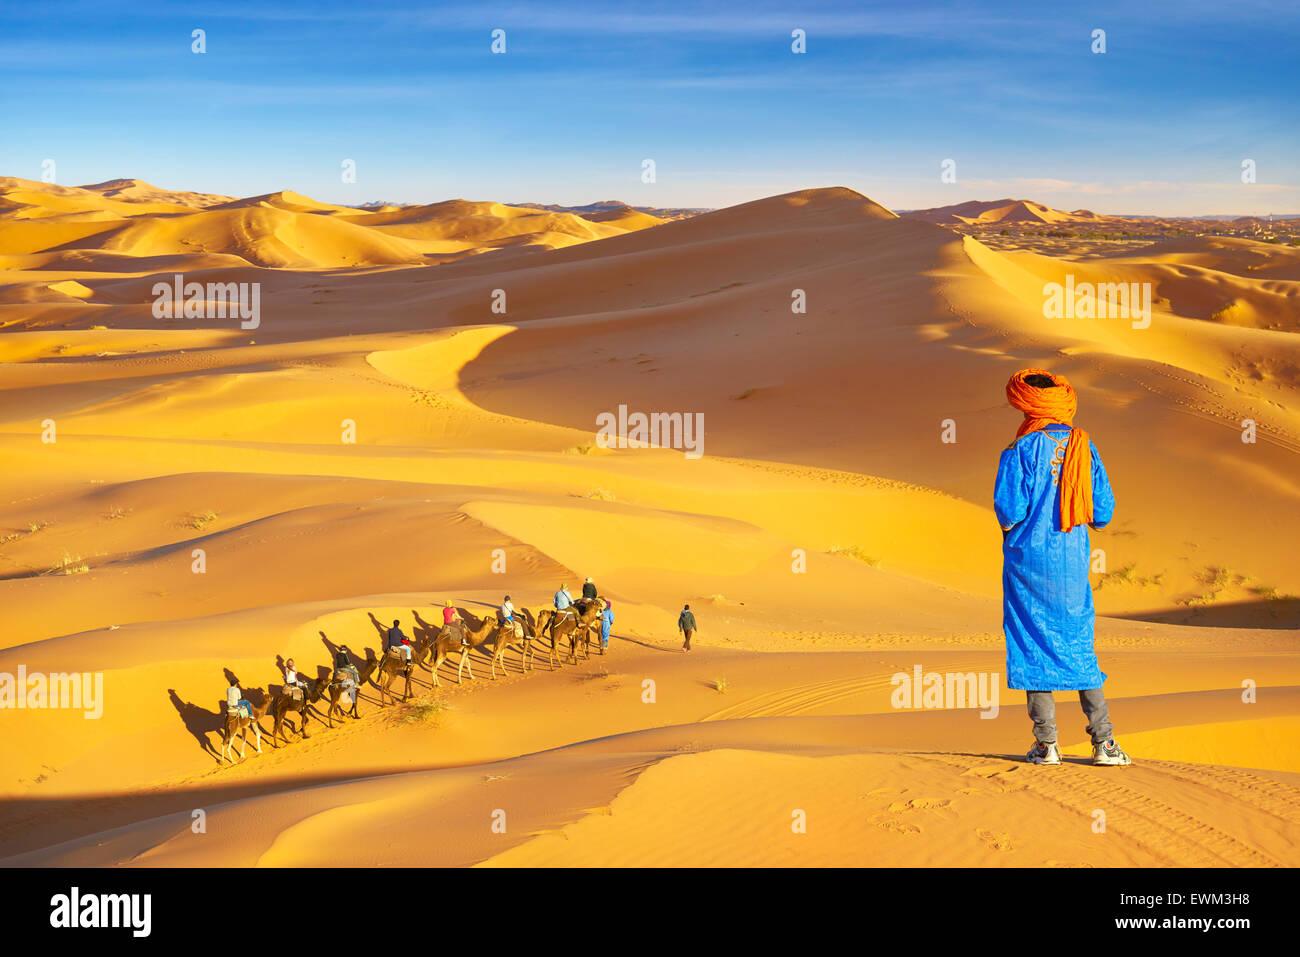 Hombre mirando bereber caravana de camellos, Erg Chebbi : desierto cerca de Merzouga, Sahara, Marruecos Imagen De Stock